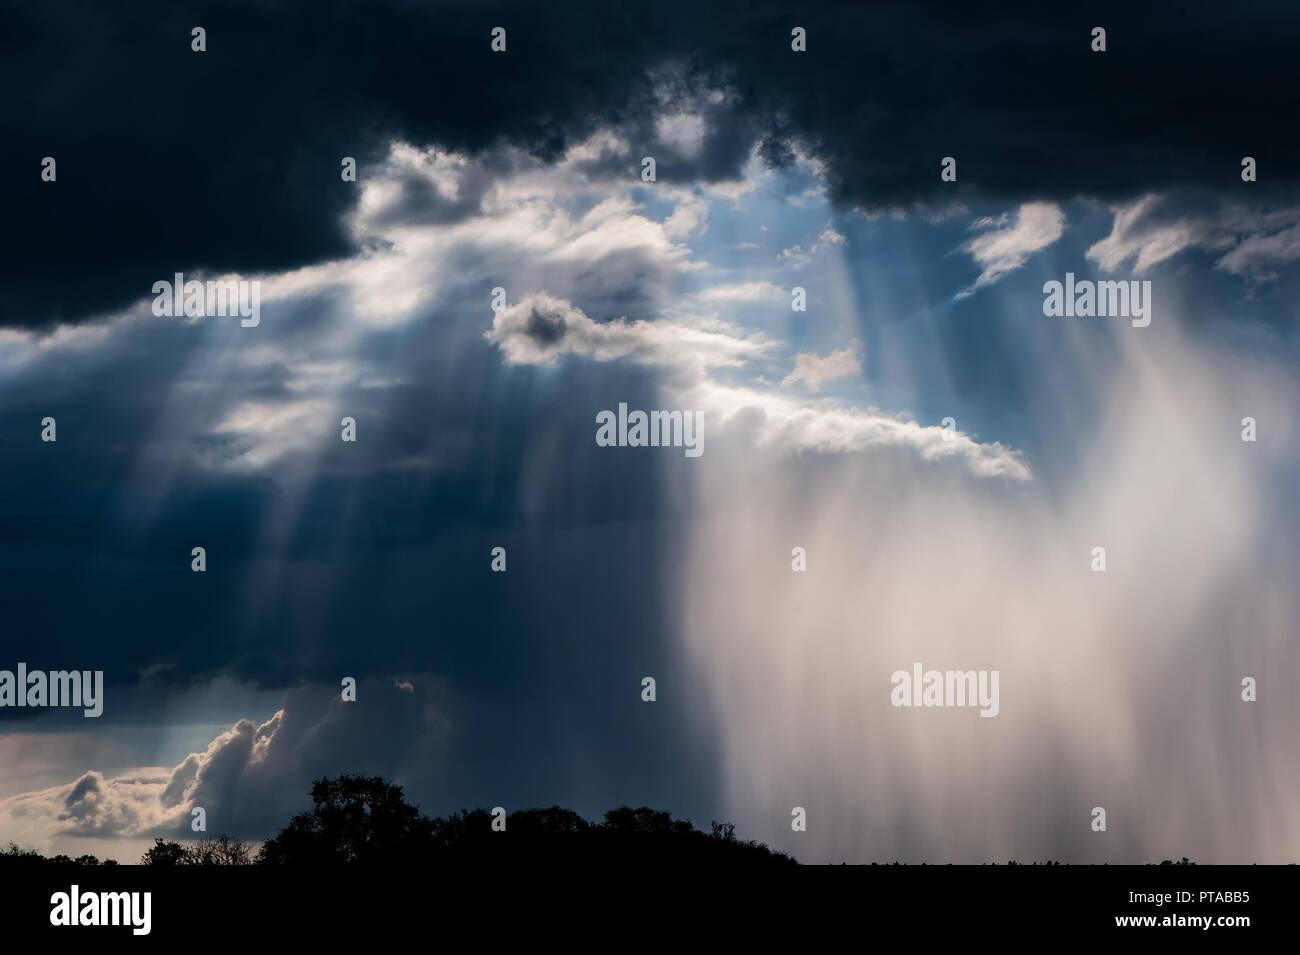 Les nuages de tempête, le soleil et la pluie dans la campagne. Mai, la saison du printemps. Photo Stock